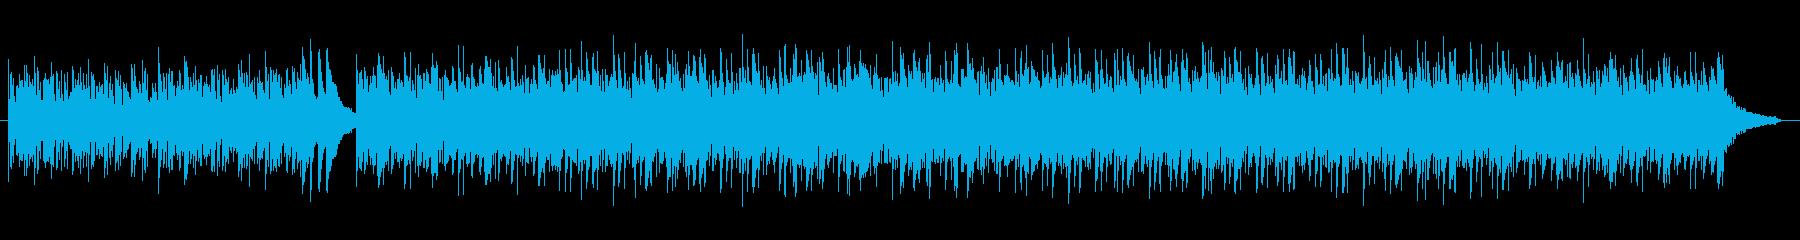 【変拍子】パーティー、ピアノの再生済みの波形